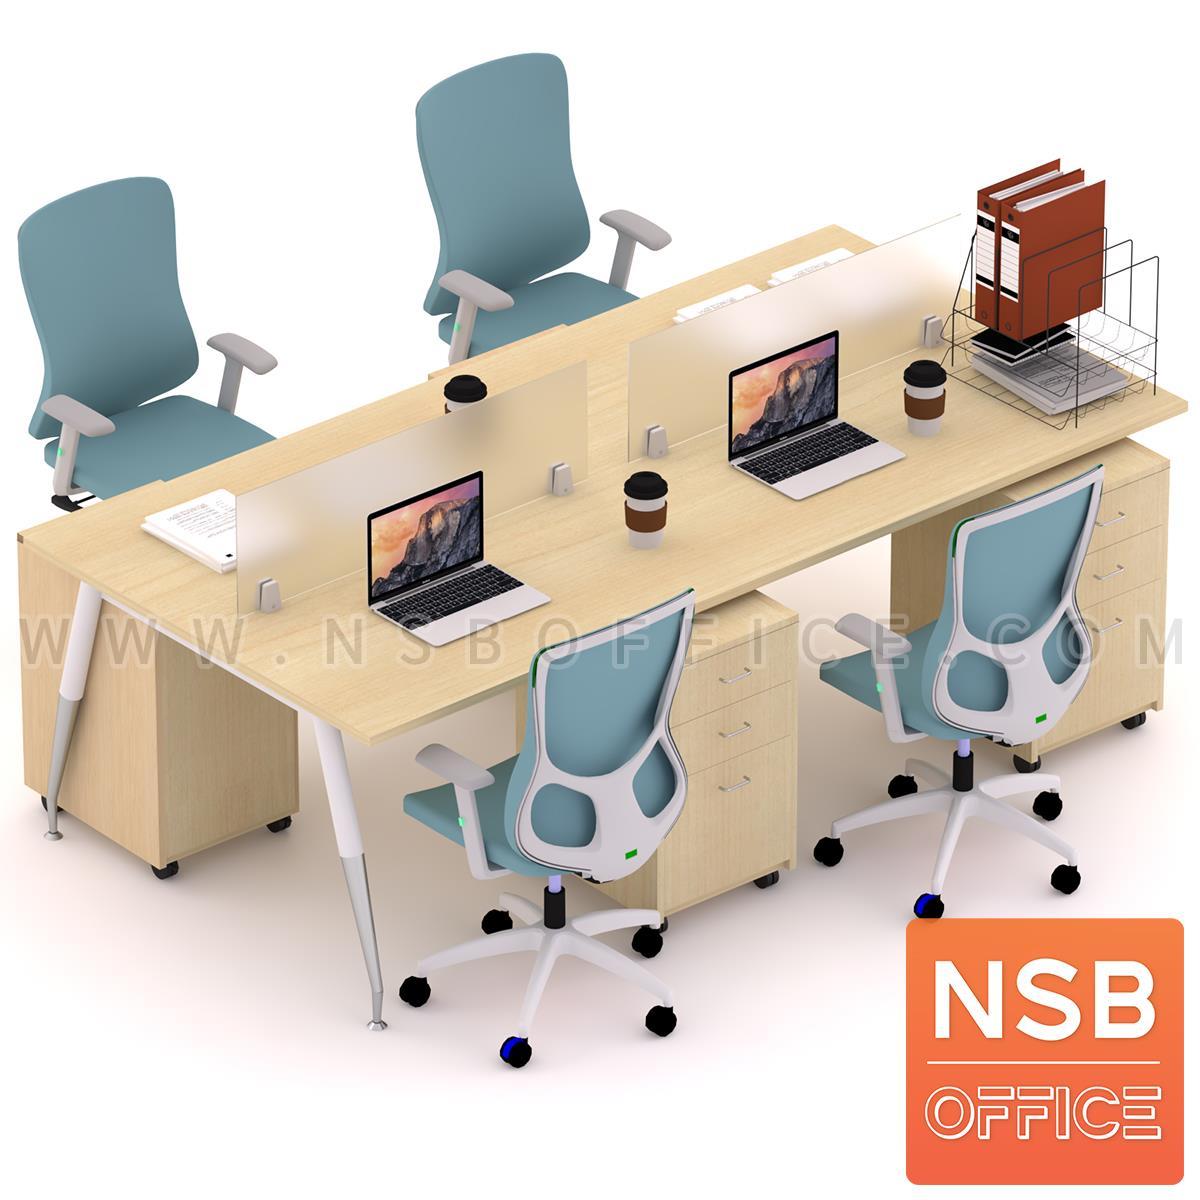 ชุดโต๊ะทำงานกลุ่ม 4 ที่นั่ง  รุ่น Panettone ll (พาเน็ตโทน 2)  ขนาด 240W*120D cm.  พร้อมมินิสกรีนและตู้ลิ้นชักไม้ล้อเลื่อน